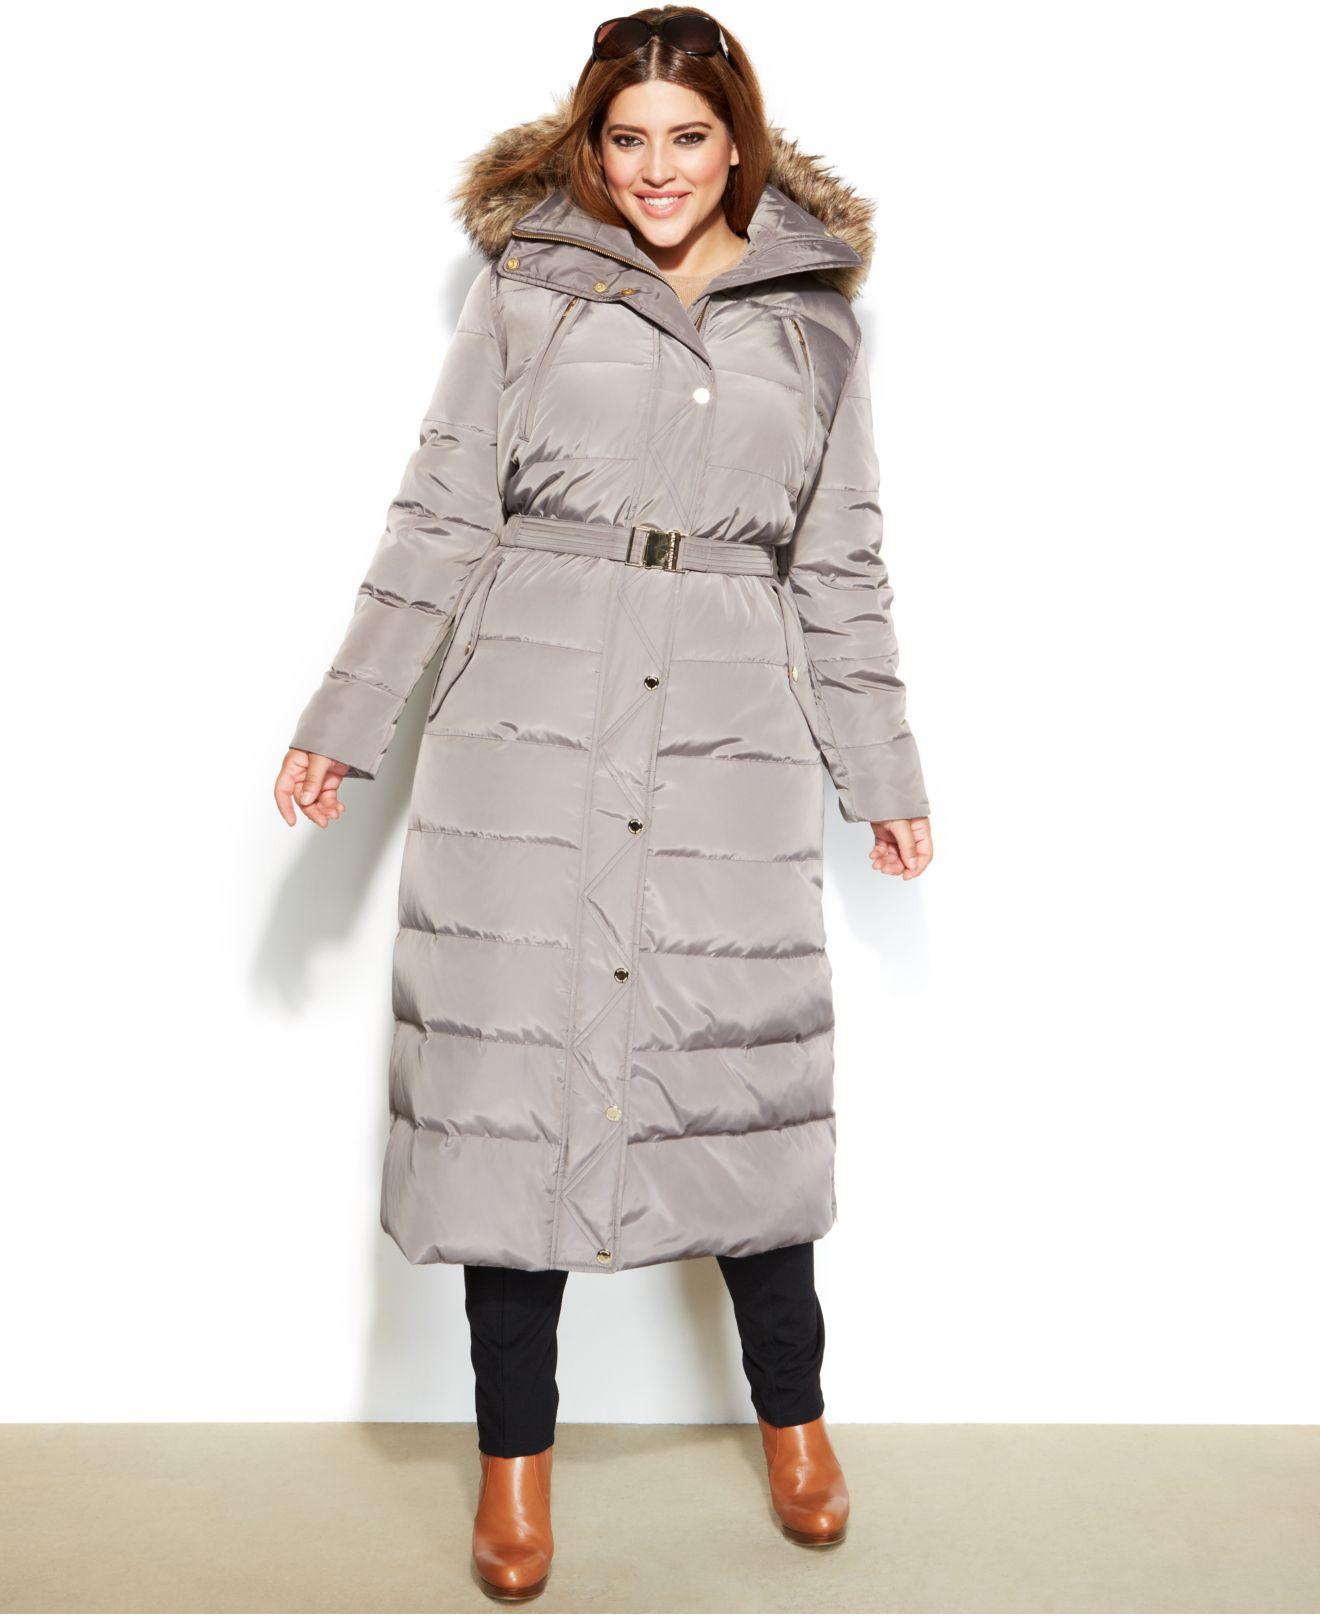 d68a18d46b9e2 Lyst - Michael Kors Michael Plus Size Hooded Faux-Fur-Trim Belted ...